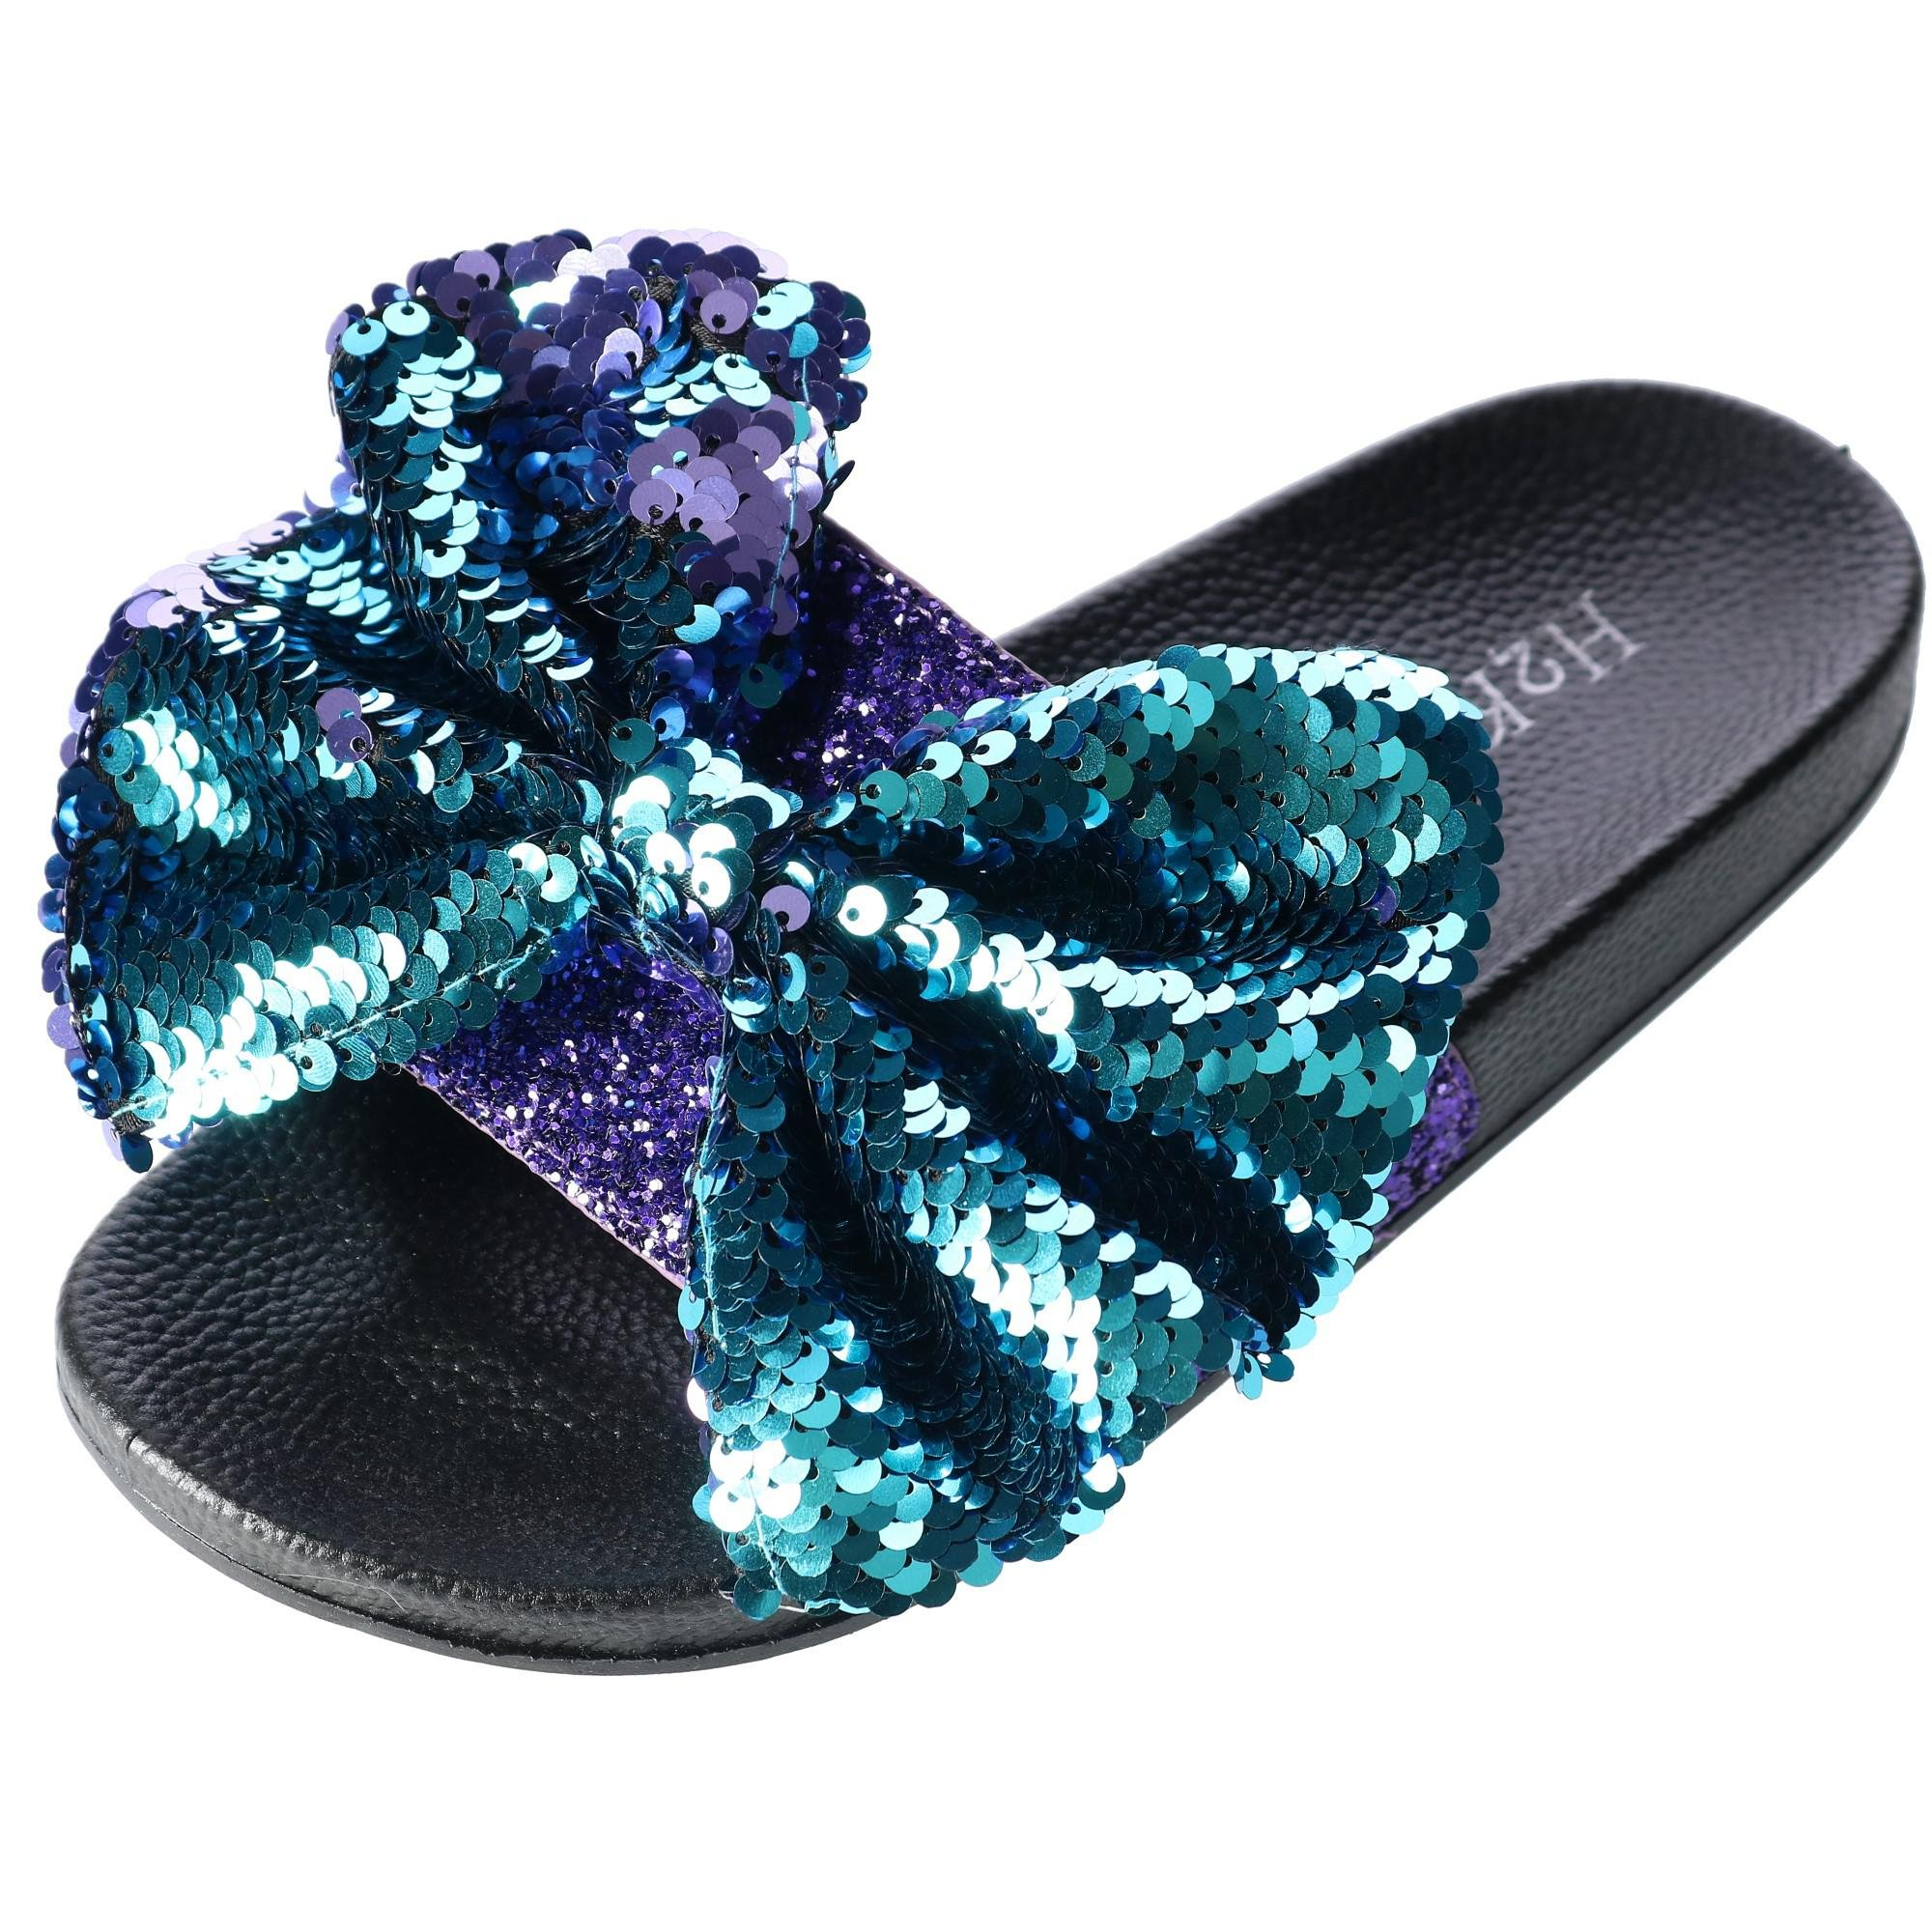 H2K Women's Slide Slipper with Sequin Bow, 9, Purple